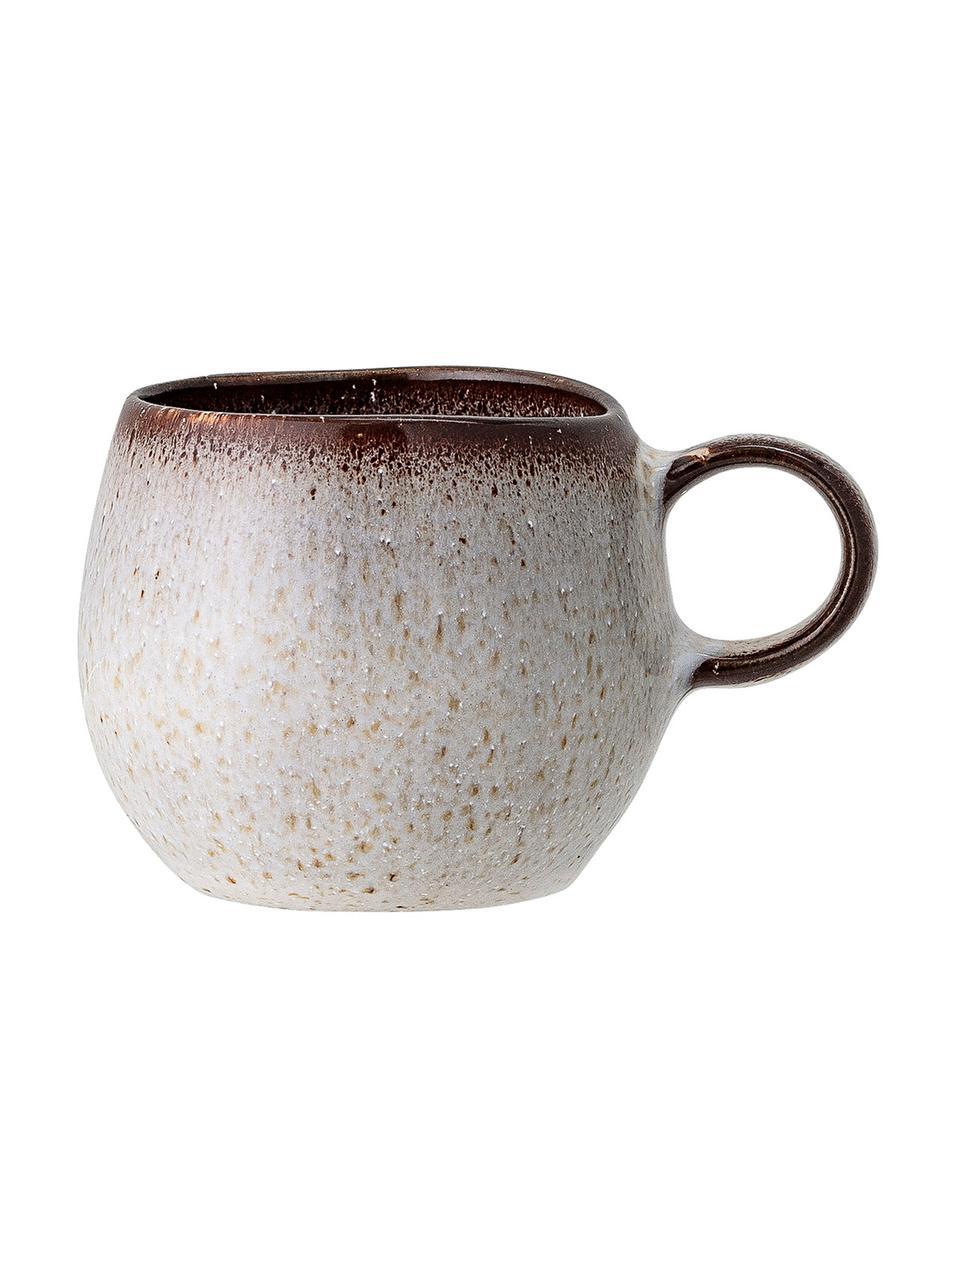 Tazzina con piattino fatti a mano Sandrine, Gres, Tonalità beige, Ø 7 x Alt. 6 cm